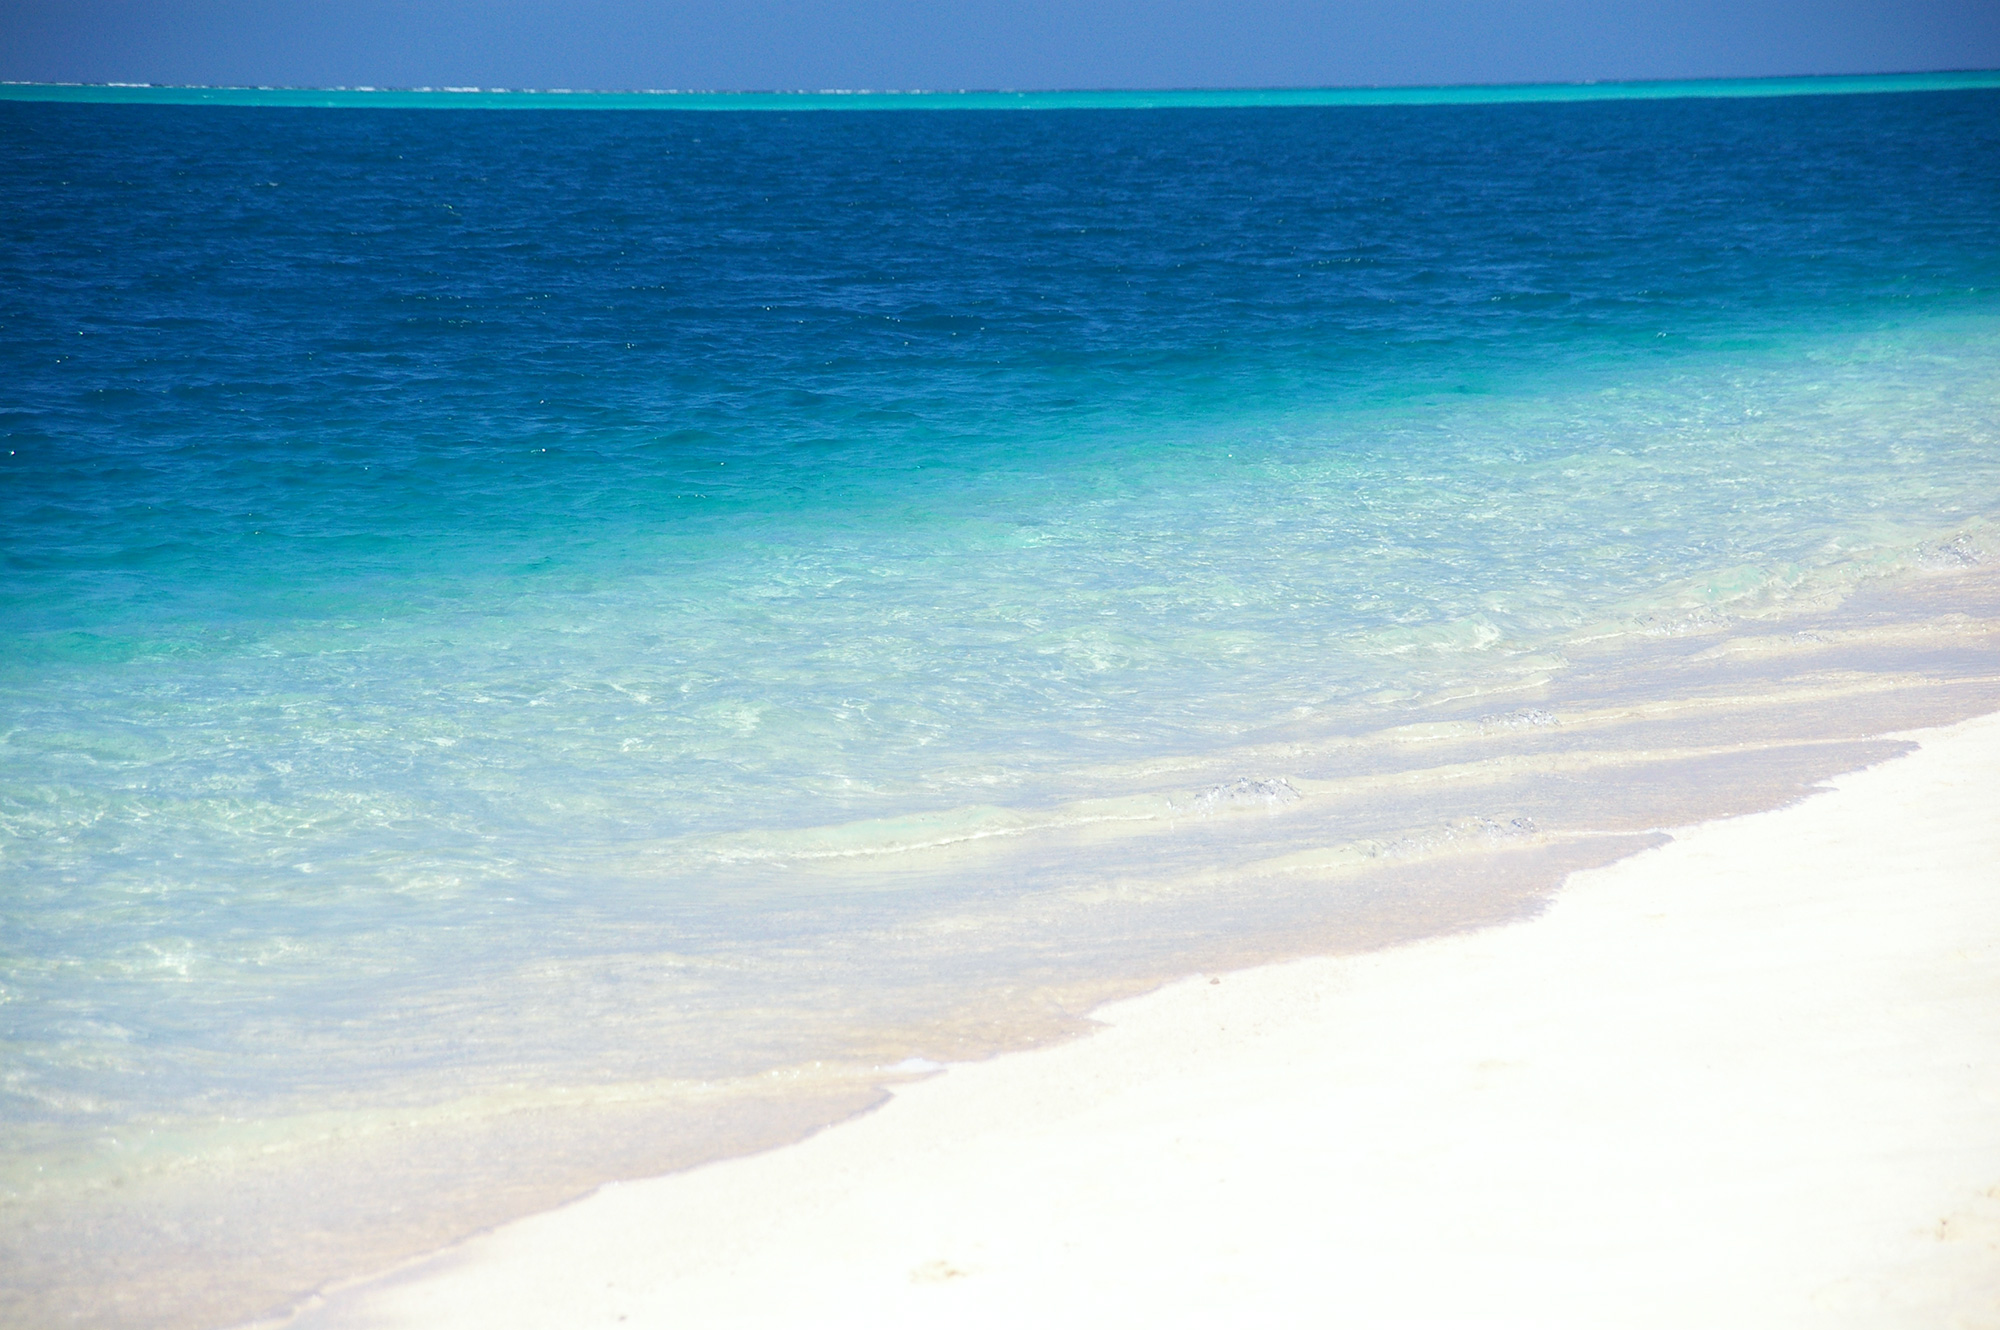 白い砂浜の波打ち際の写真のフリー素材